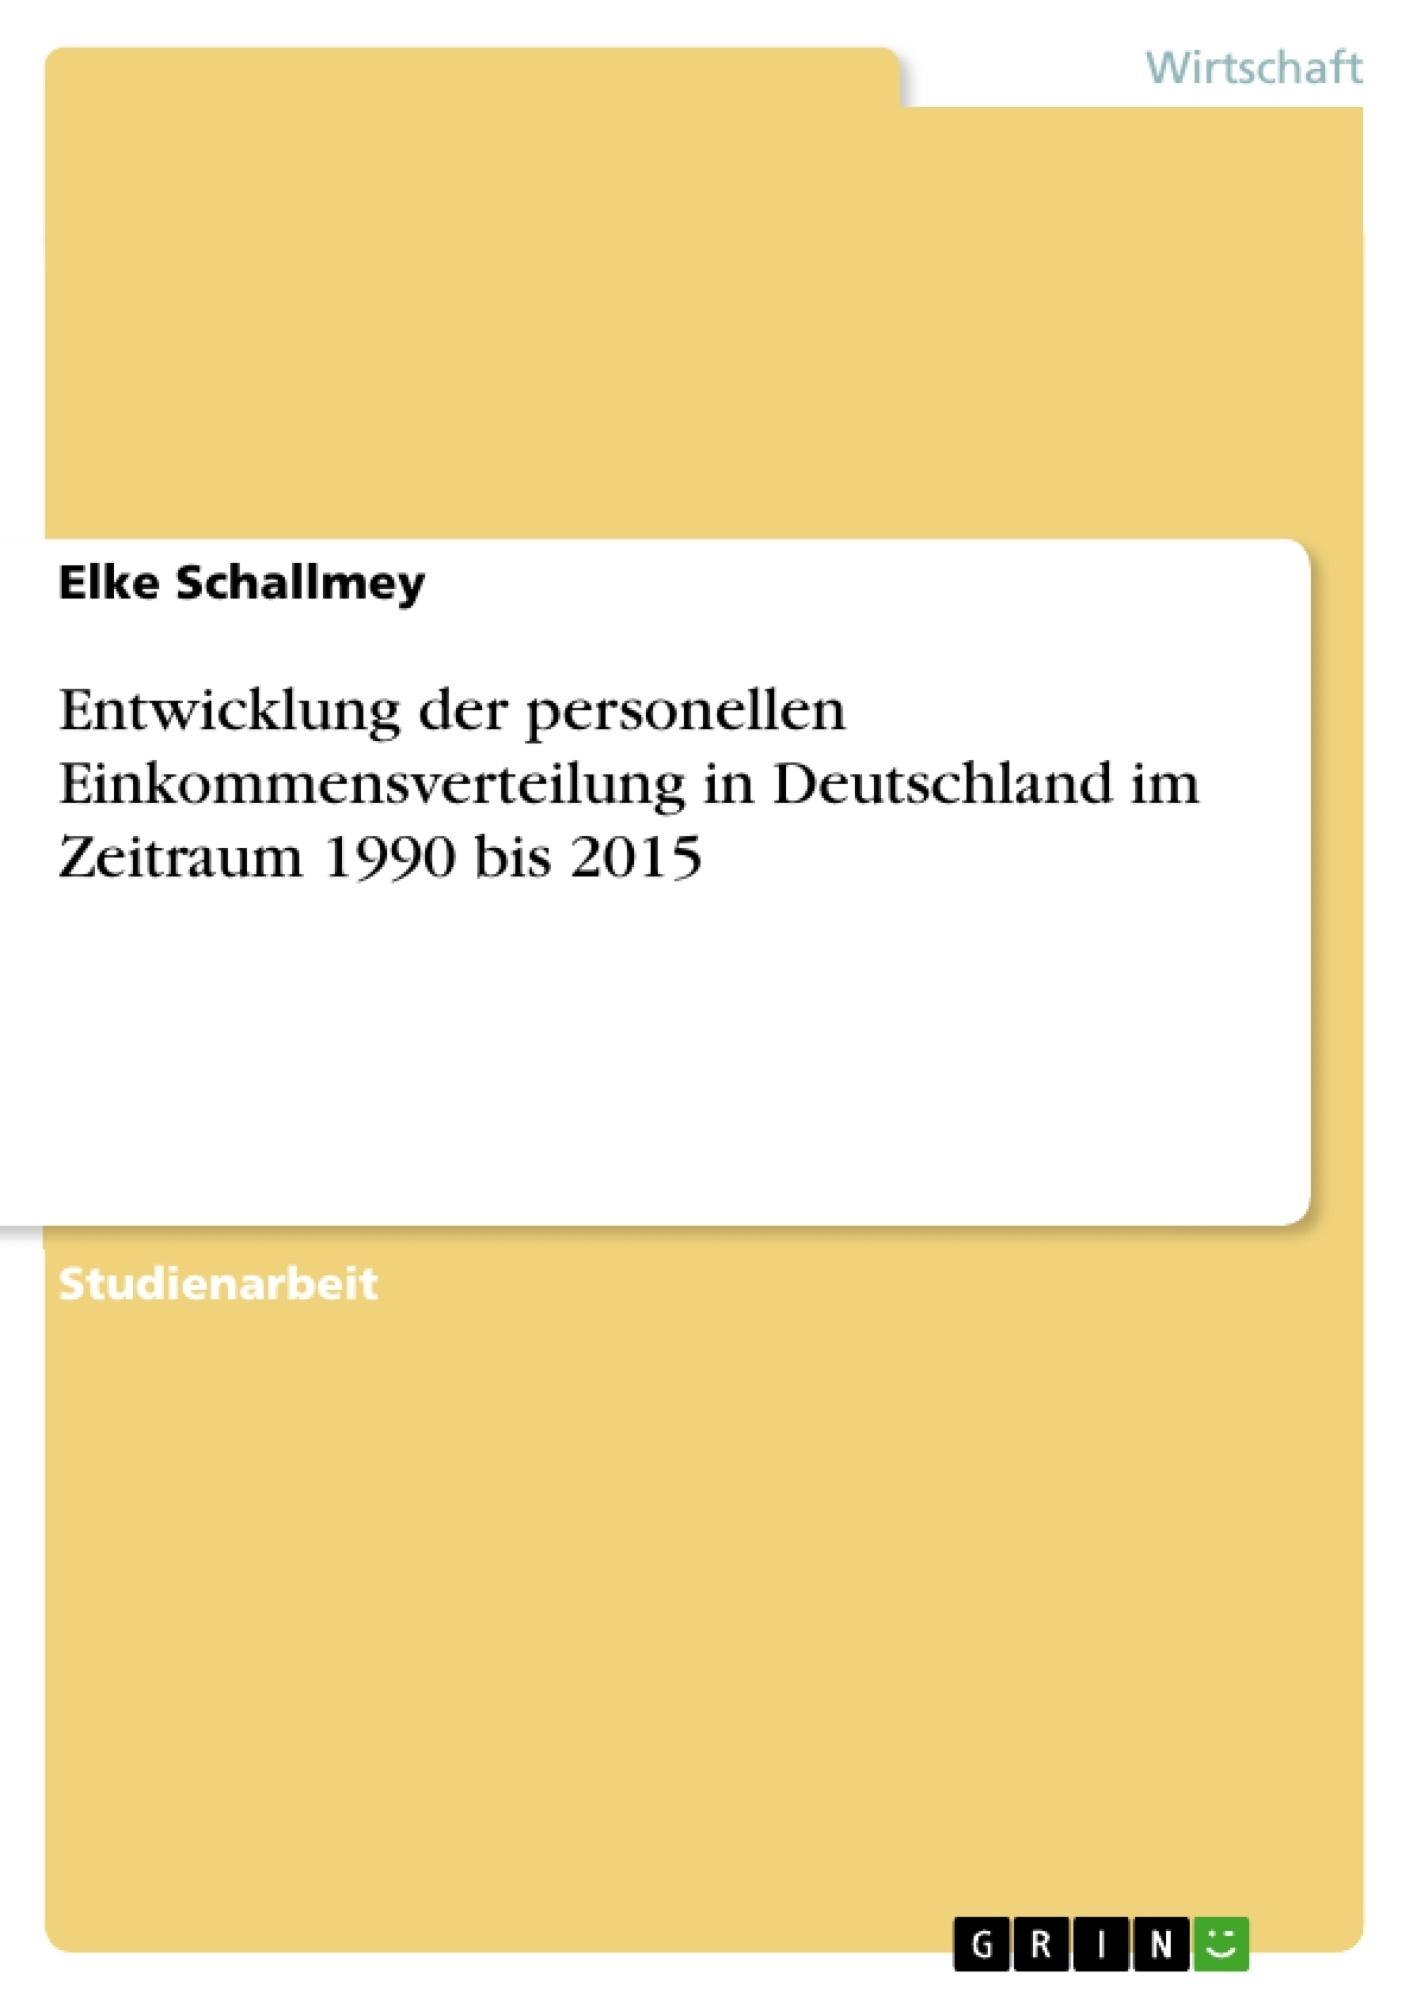 Titel: Entwicklung der personellen Einkommensverteilung in Deutschland im Zeitraum 1990 bis 2015